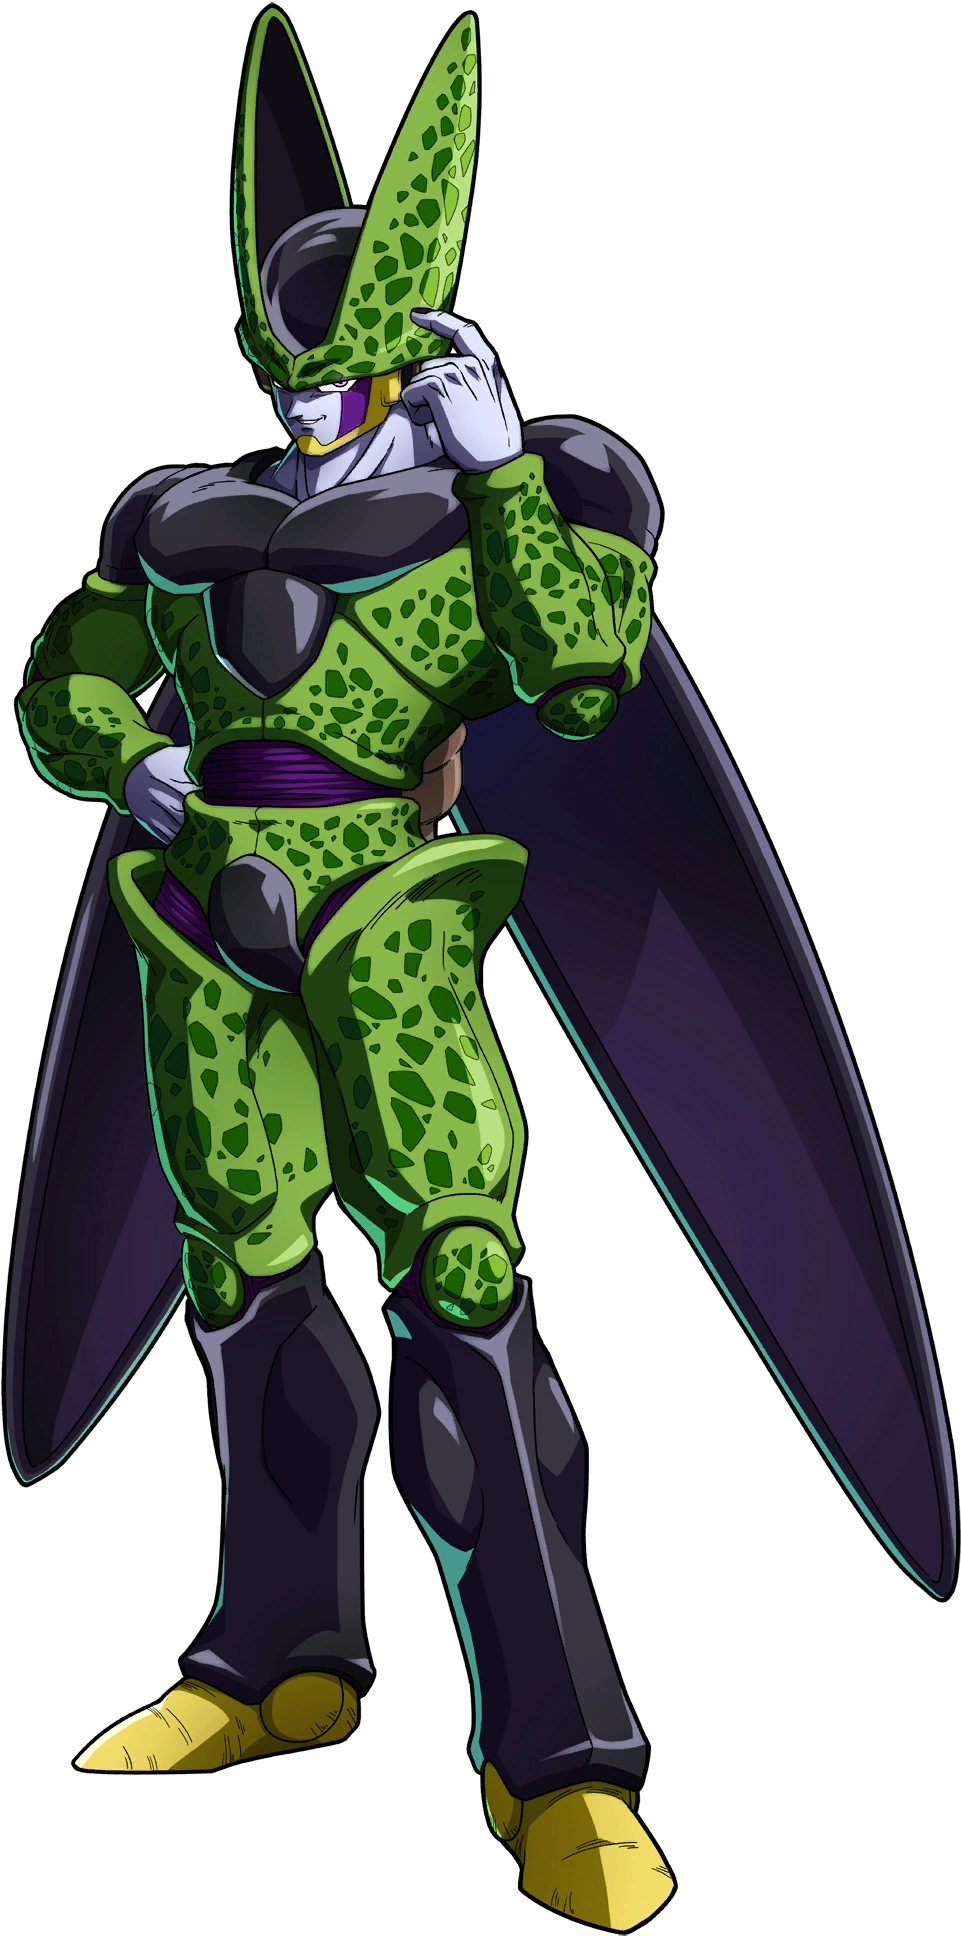 Render Dbfighterz Perfect Cell By Purplehato On Deviantart In 2021 Perfect Cell Dragon Ball Dragon Ball Z